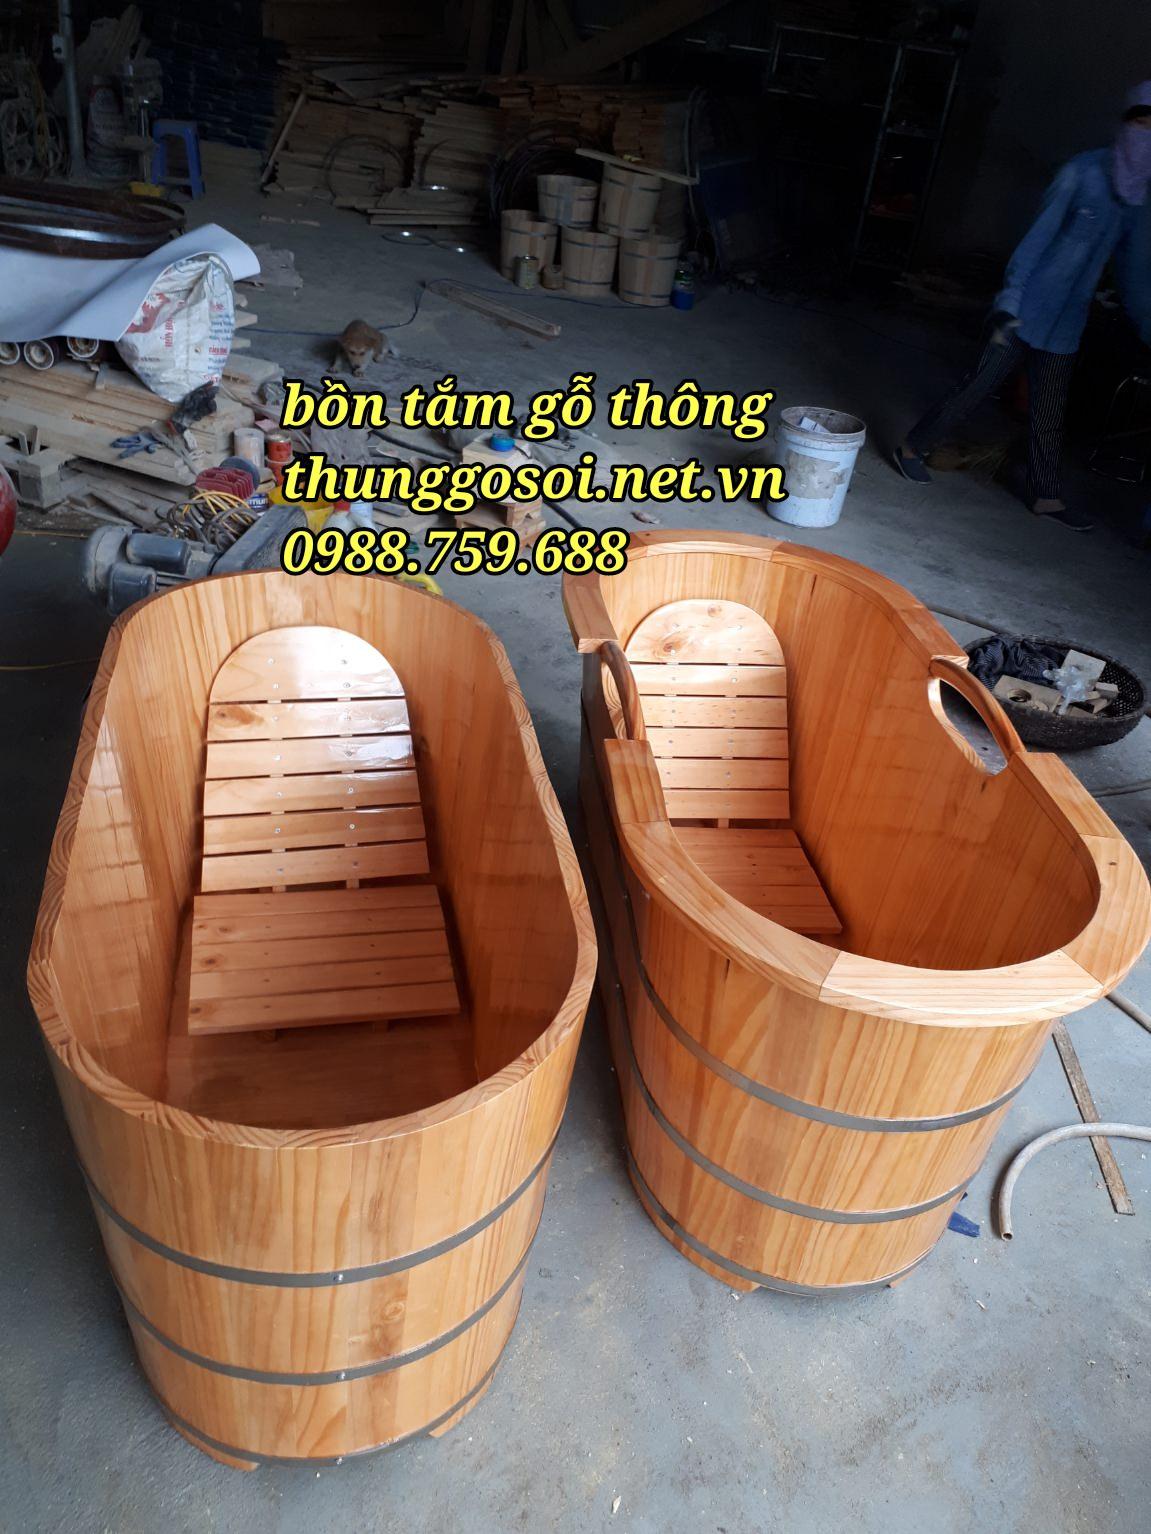 bồn tắm gỗ bo viền